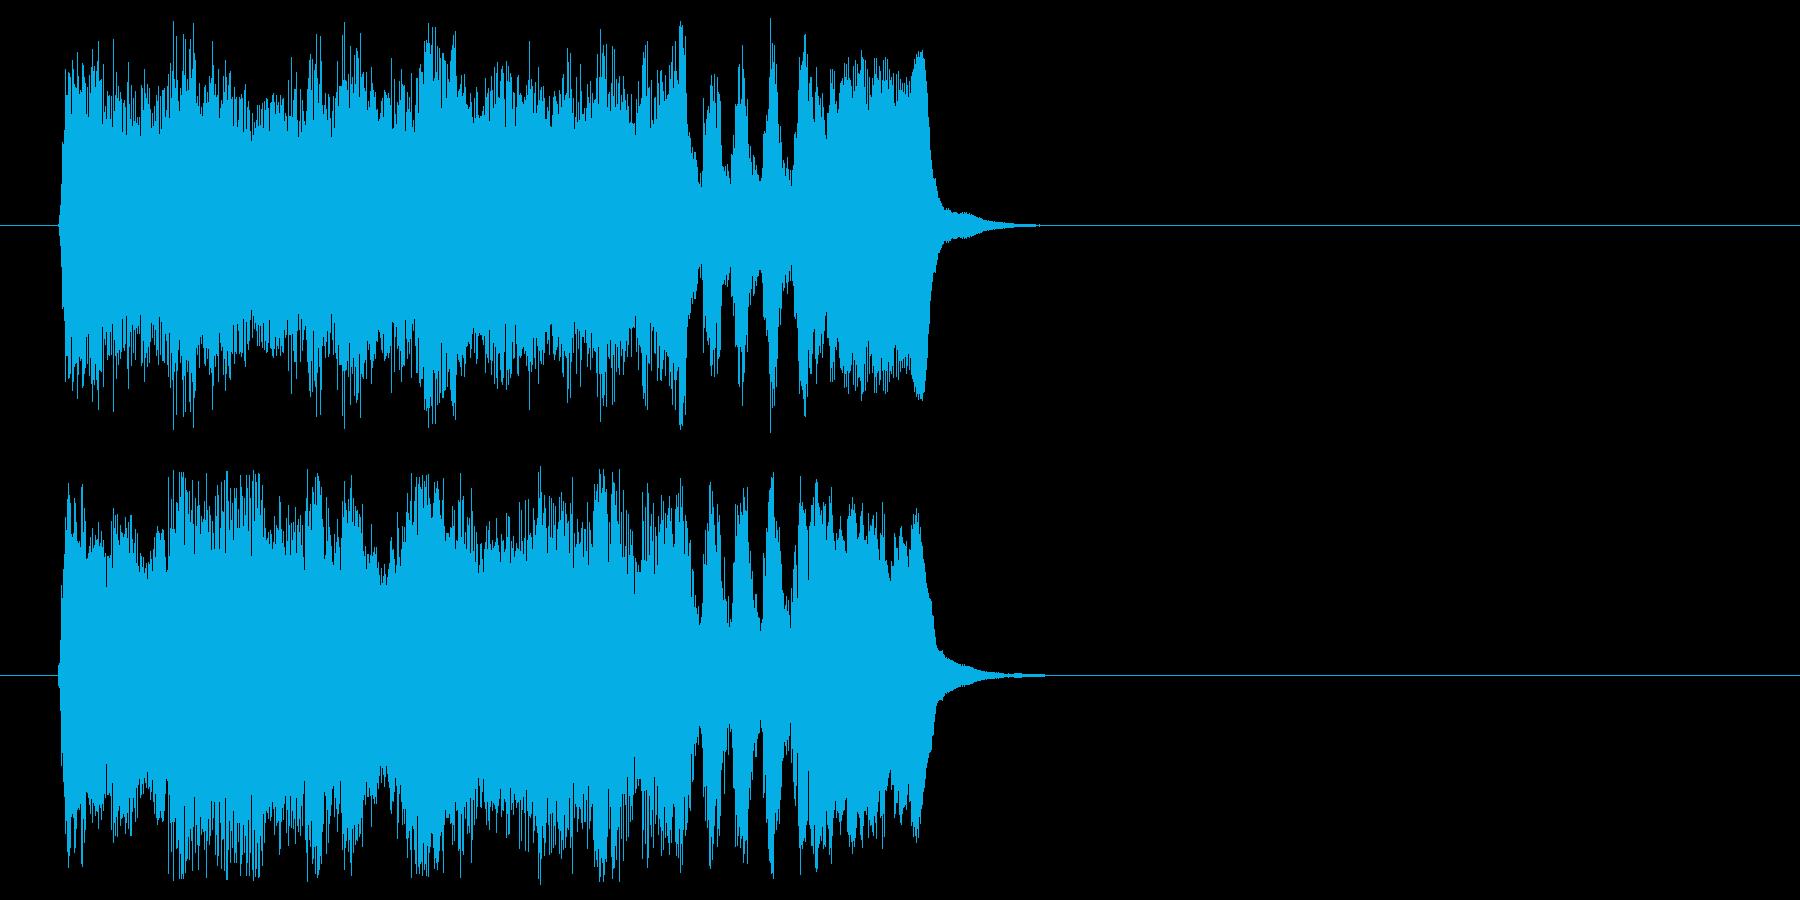 場面転換 スケール感 格調 荘厳の再生済みの波形